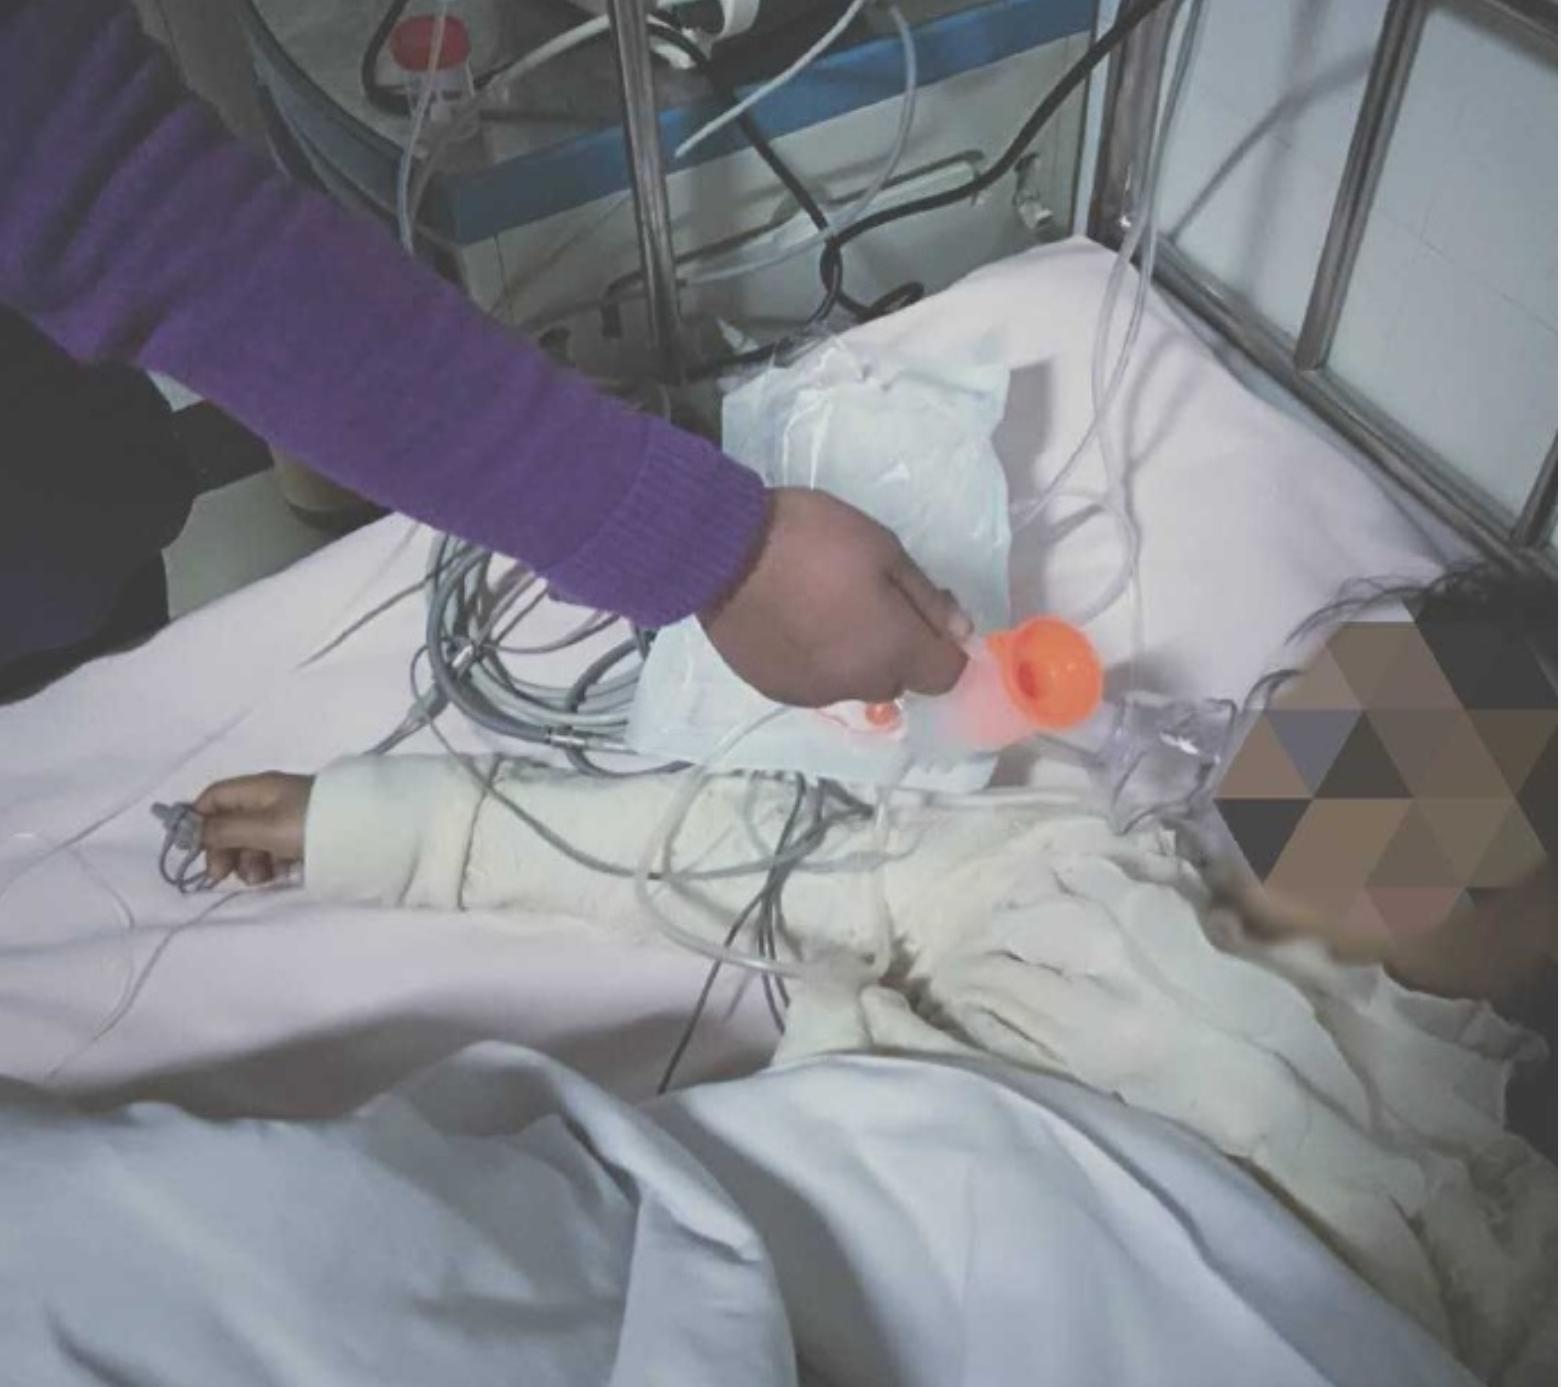 官方回应甘肃8岁小学生下体受伤:校长副校长被免职